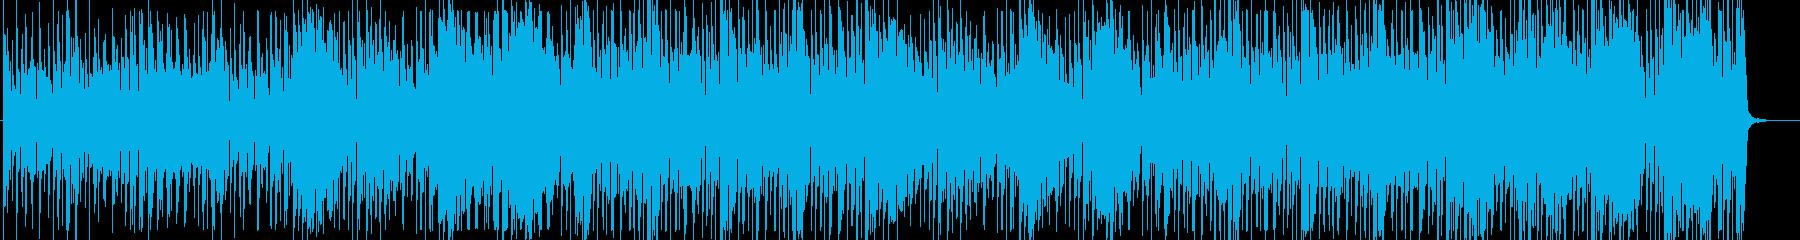 サウンドデザインエフェクトと陰気な...の再生済みの波形